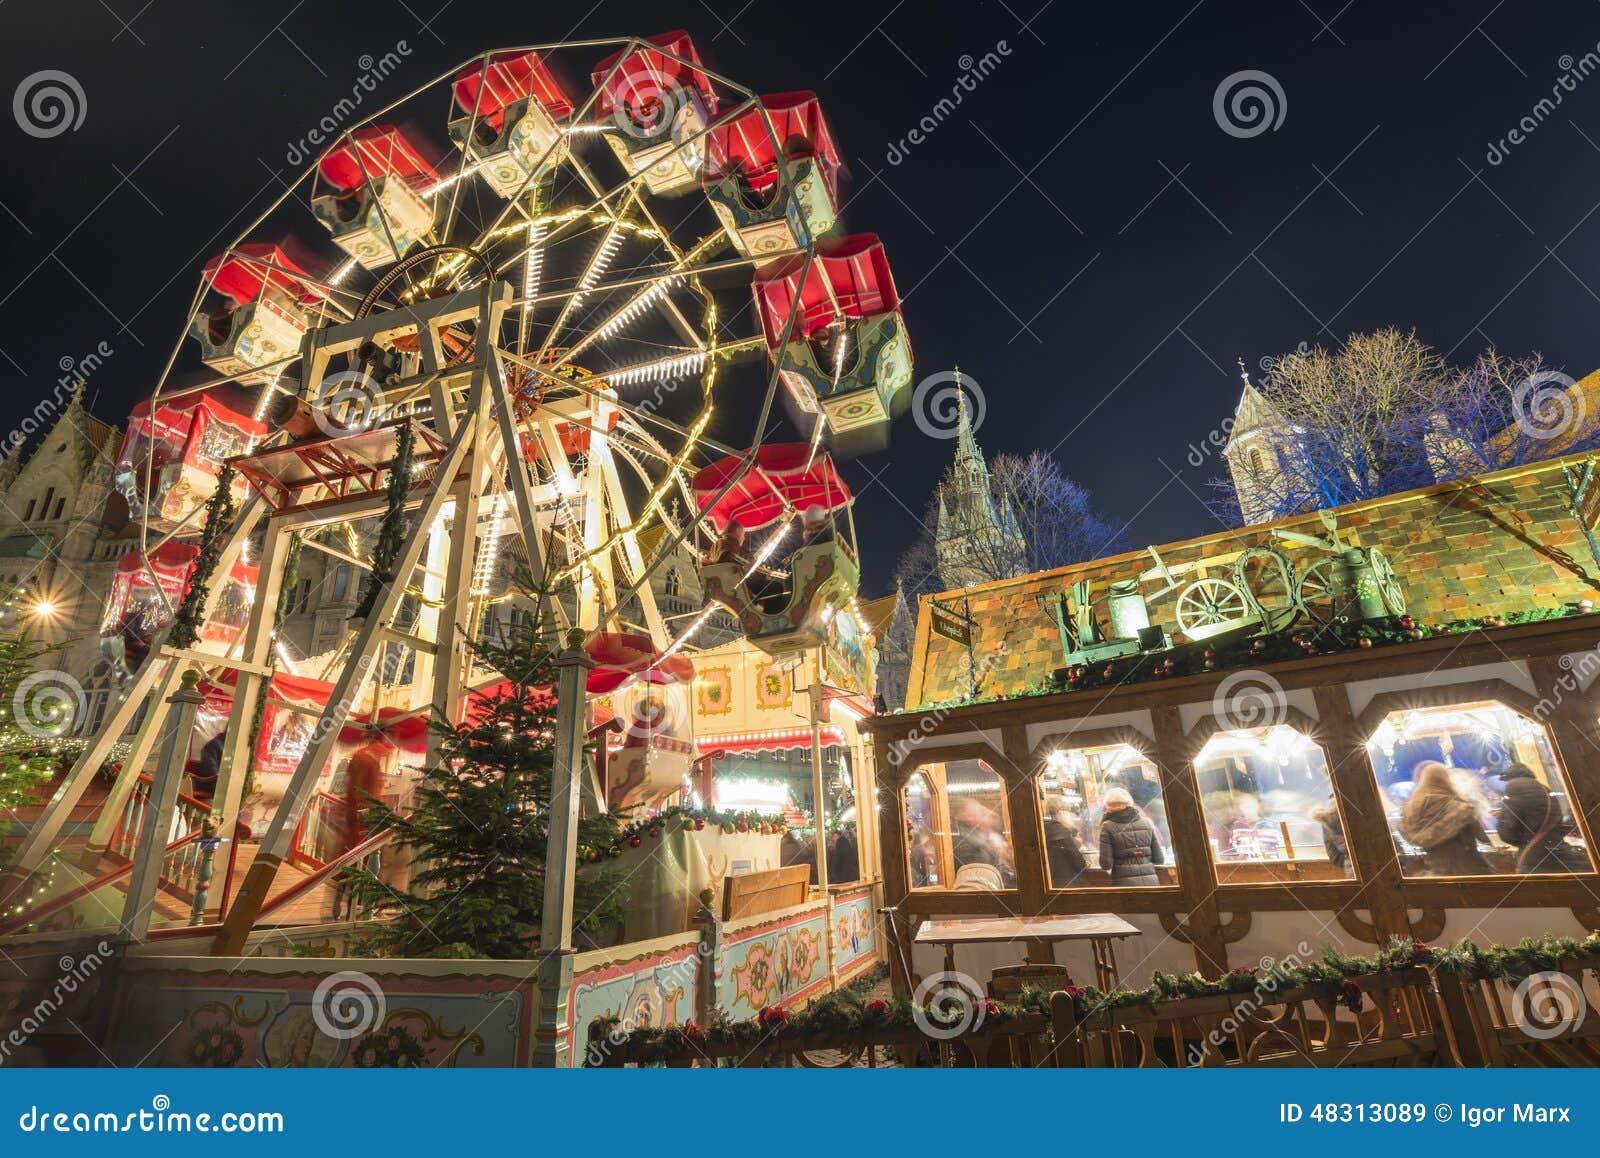 Weihnachtsmarkt Braunschweig.Weihnachtsmarkt In Braunschweig Stockbild Bild Von Belichtet